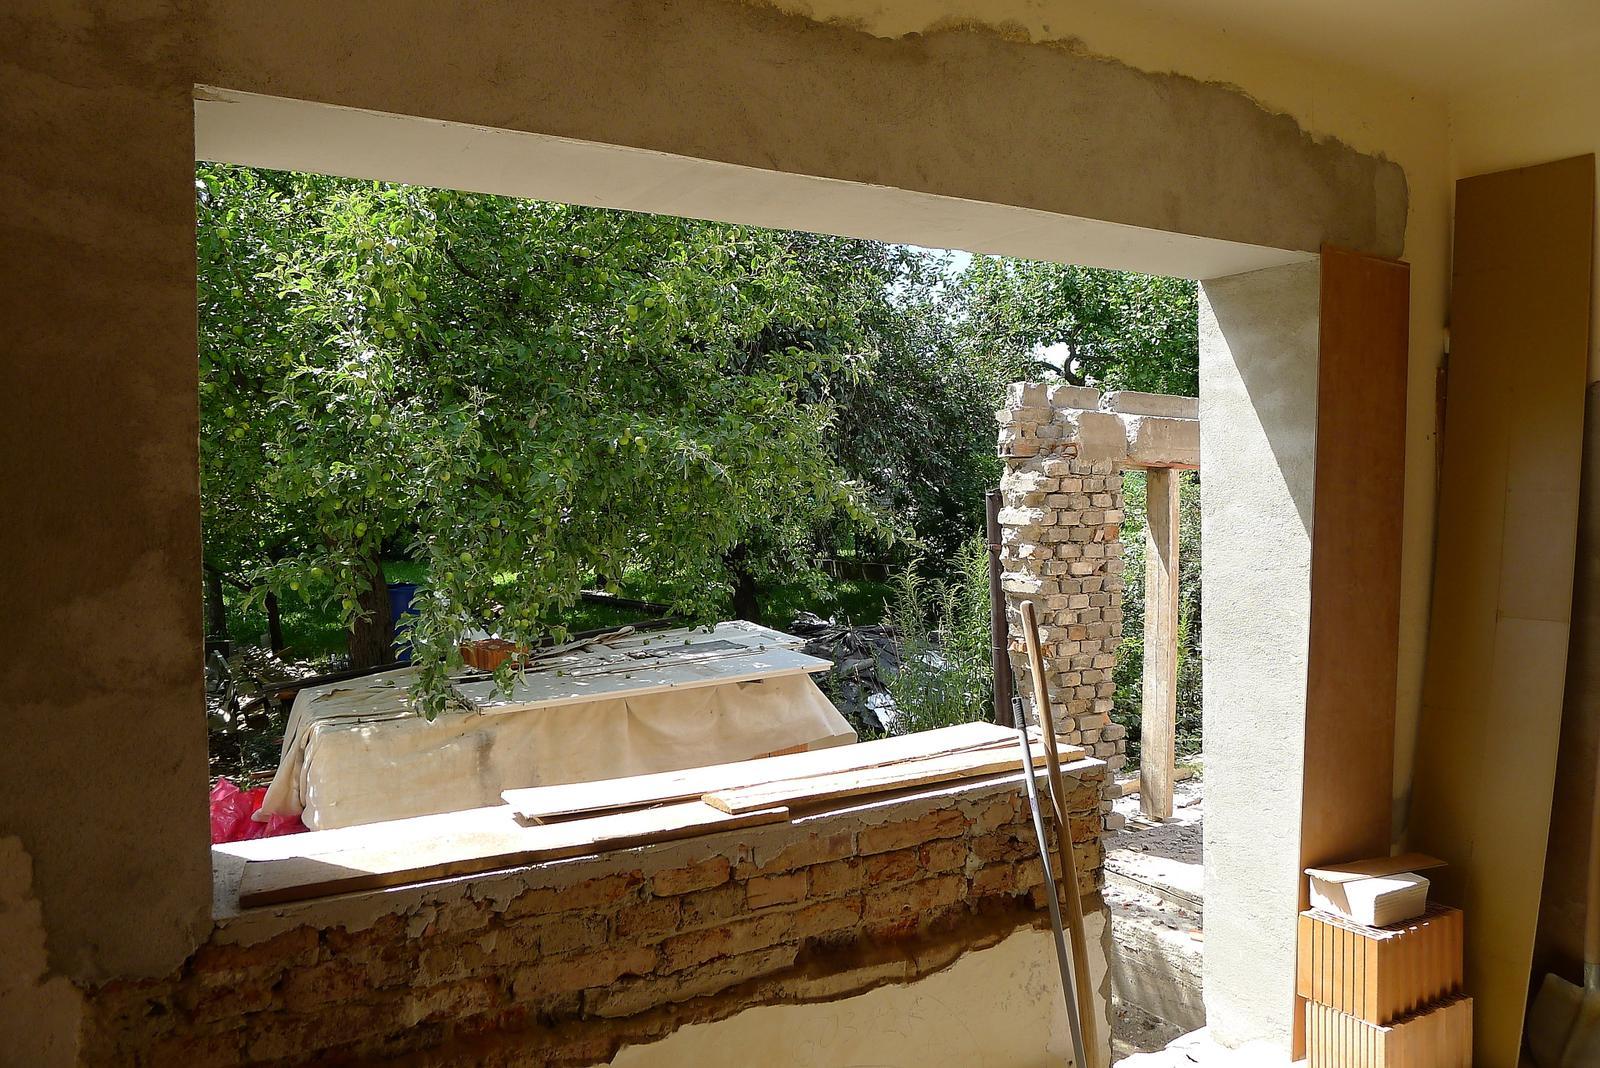 Rekonstrukce našeho domečku - Obrázek č. 53